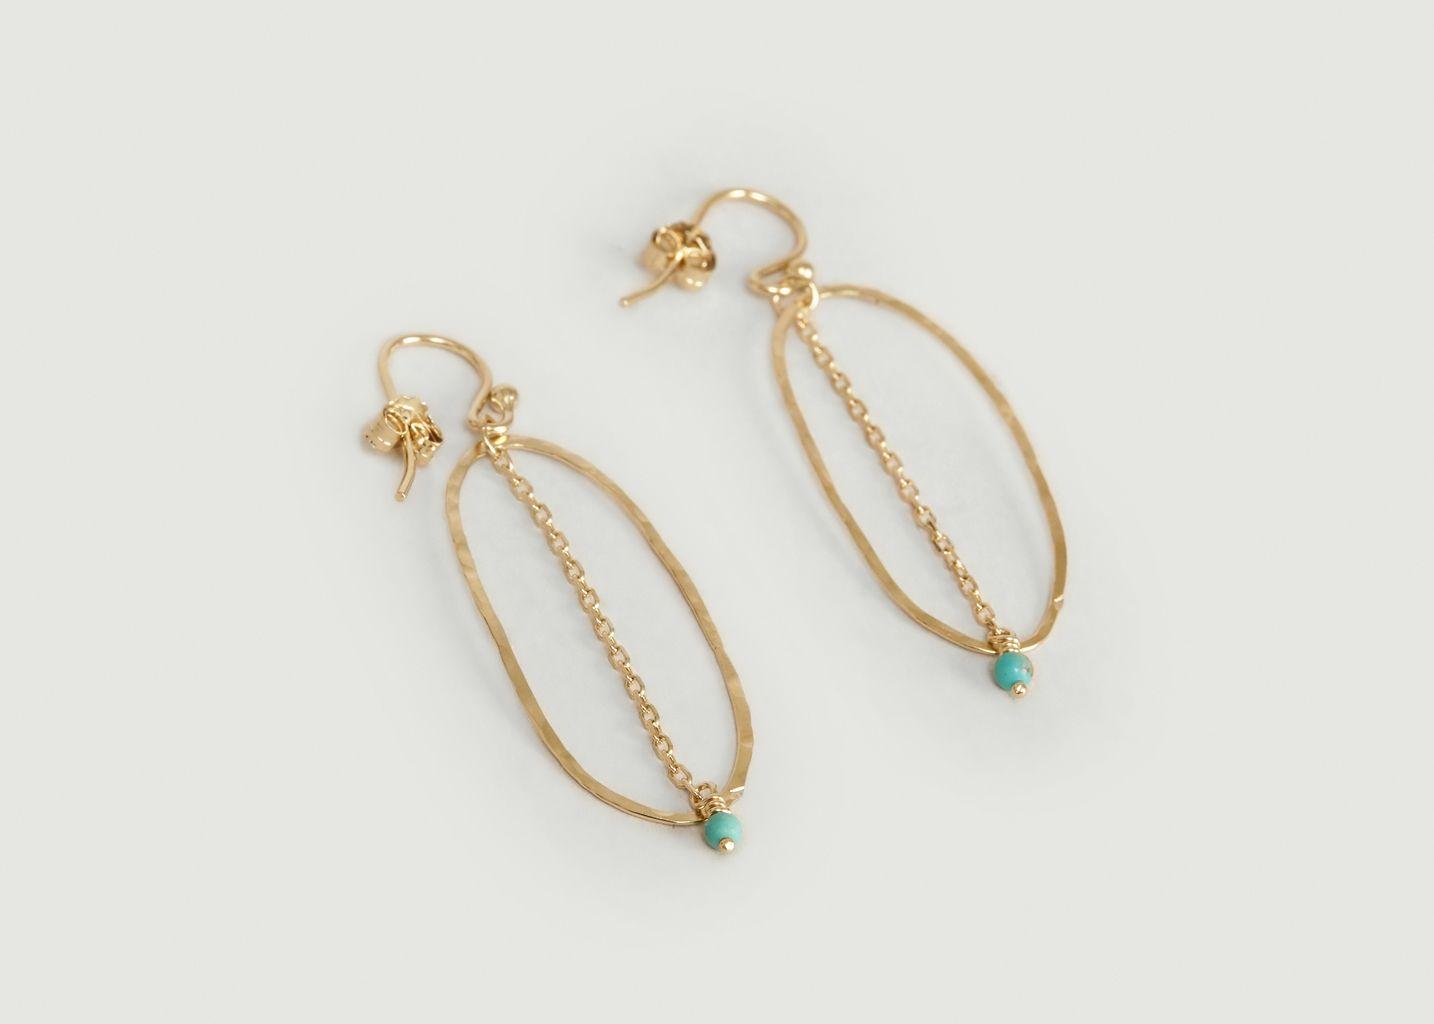 Boucles d'oreilles pendantes avec turquoise Bohème - Monsieur